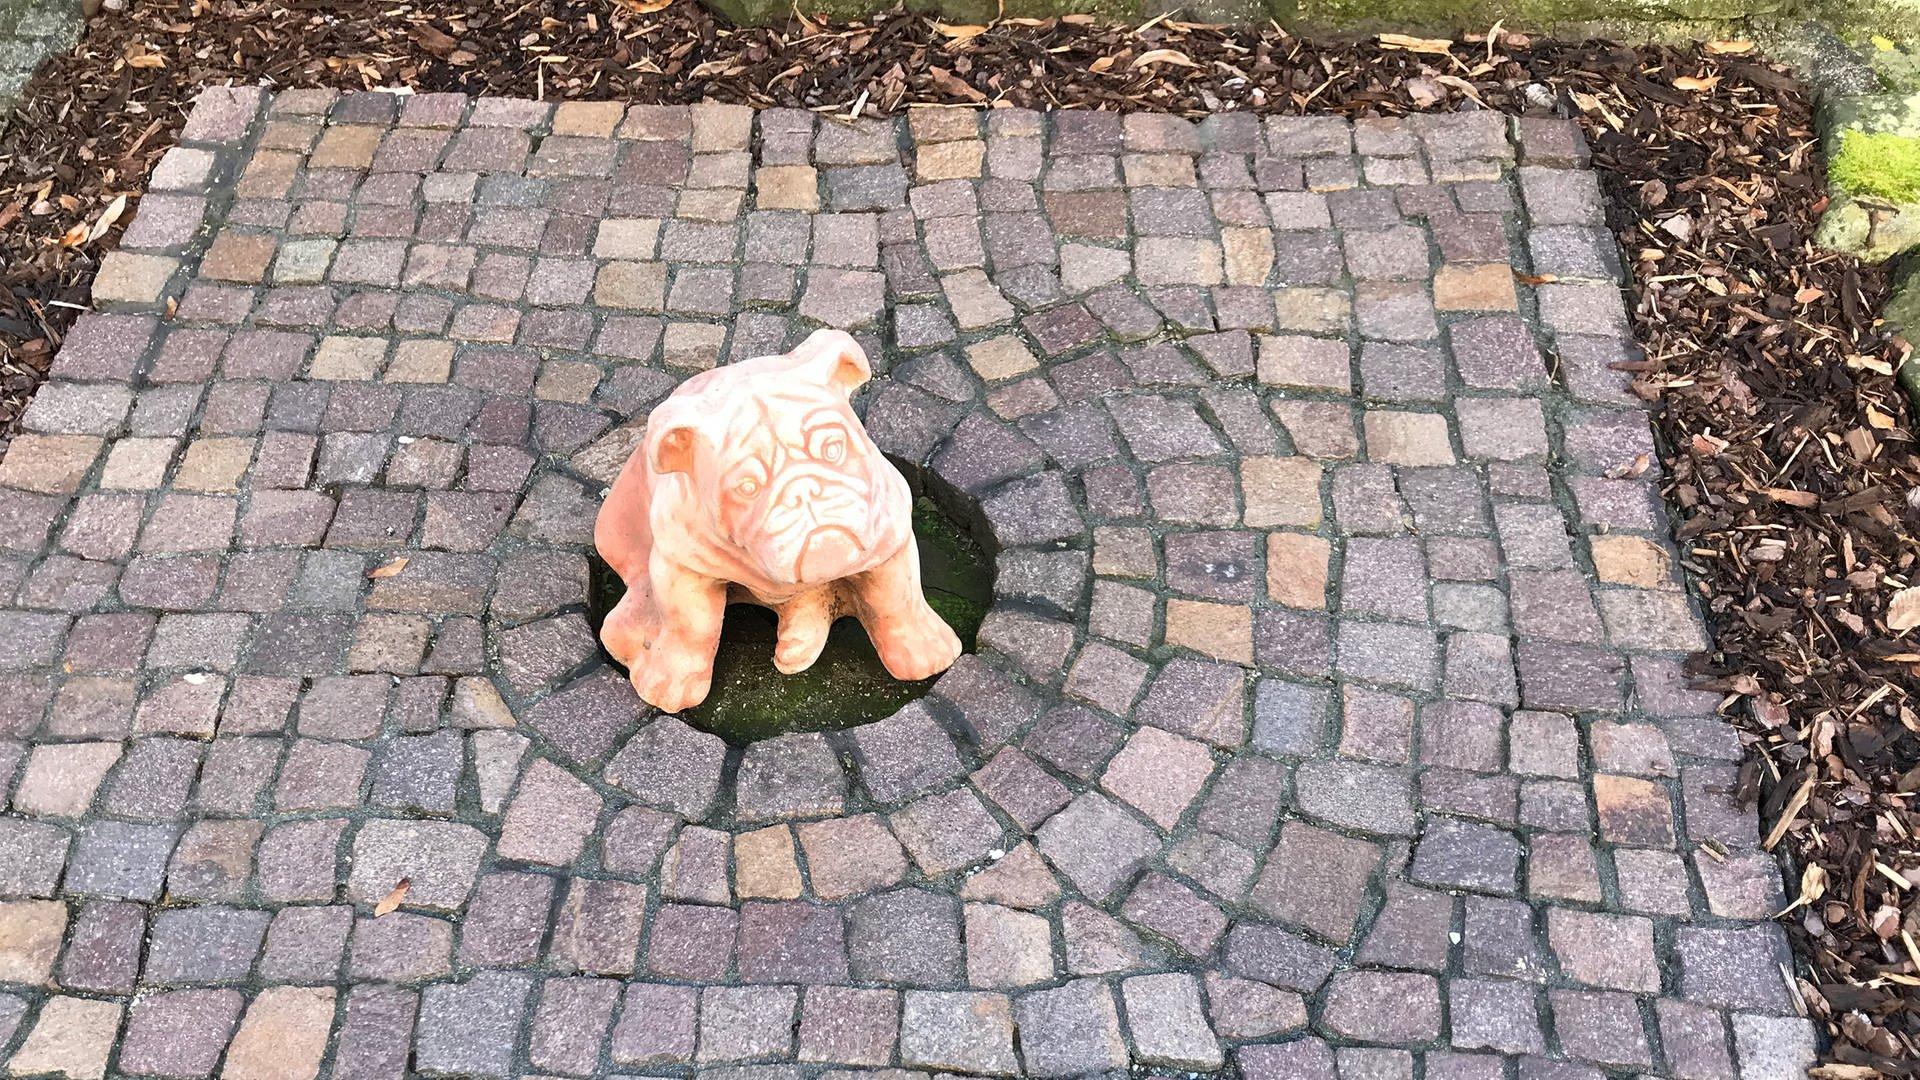 Eine kleine helle Skulptur als Hund auf Kopfsteinpflaster Hingucker gesehen in Michelfeld-Gnadental